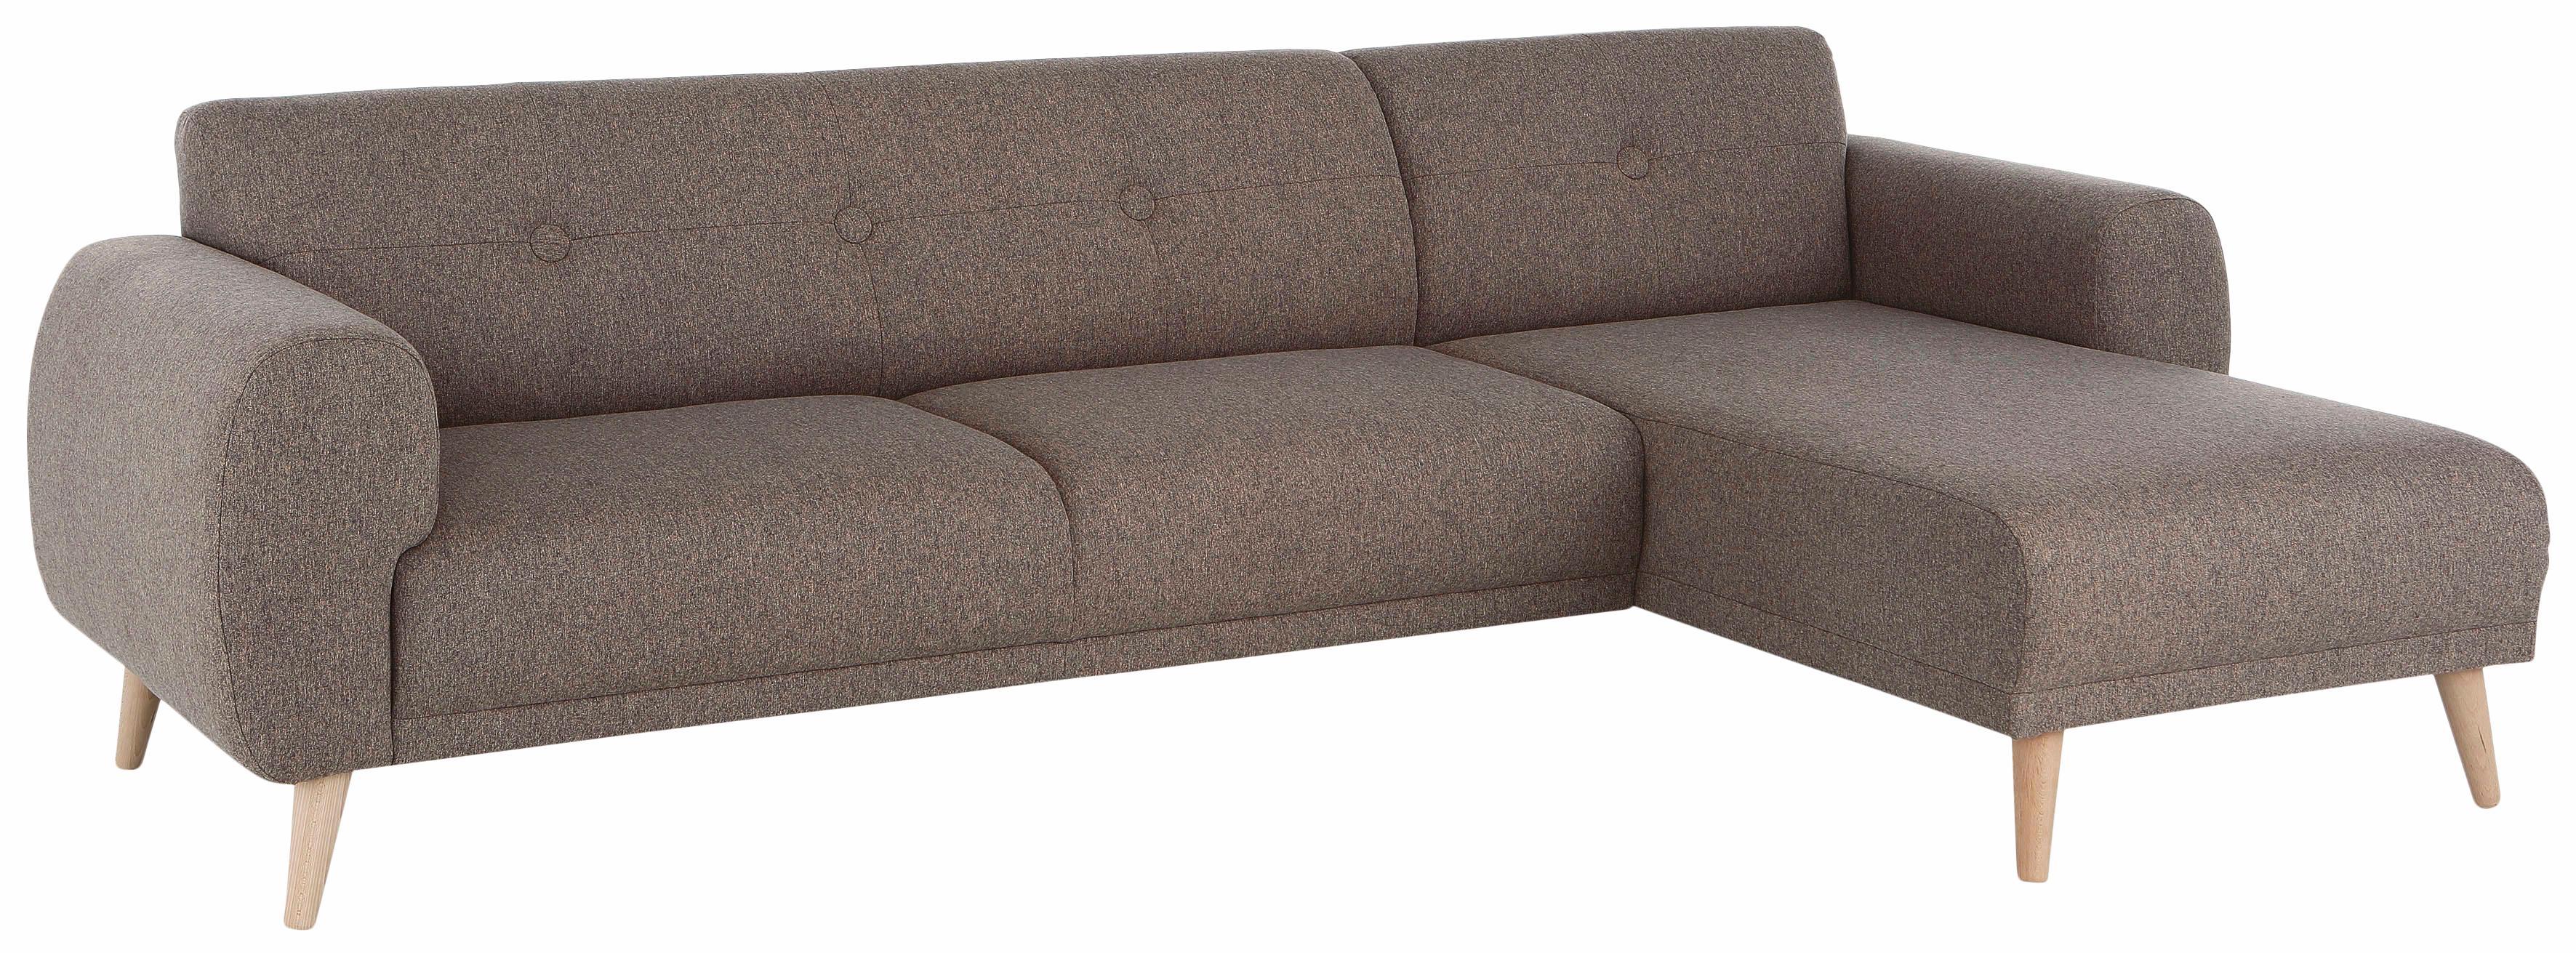 home affaire ecksofa skagen auf rechnung kaufen baur. Black Bedroom Furniture Sets. Home Design Ideas